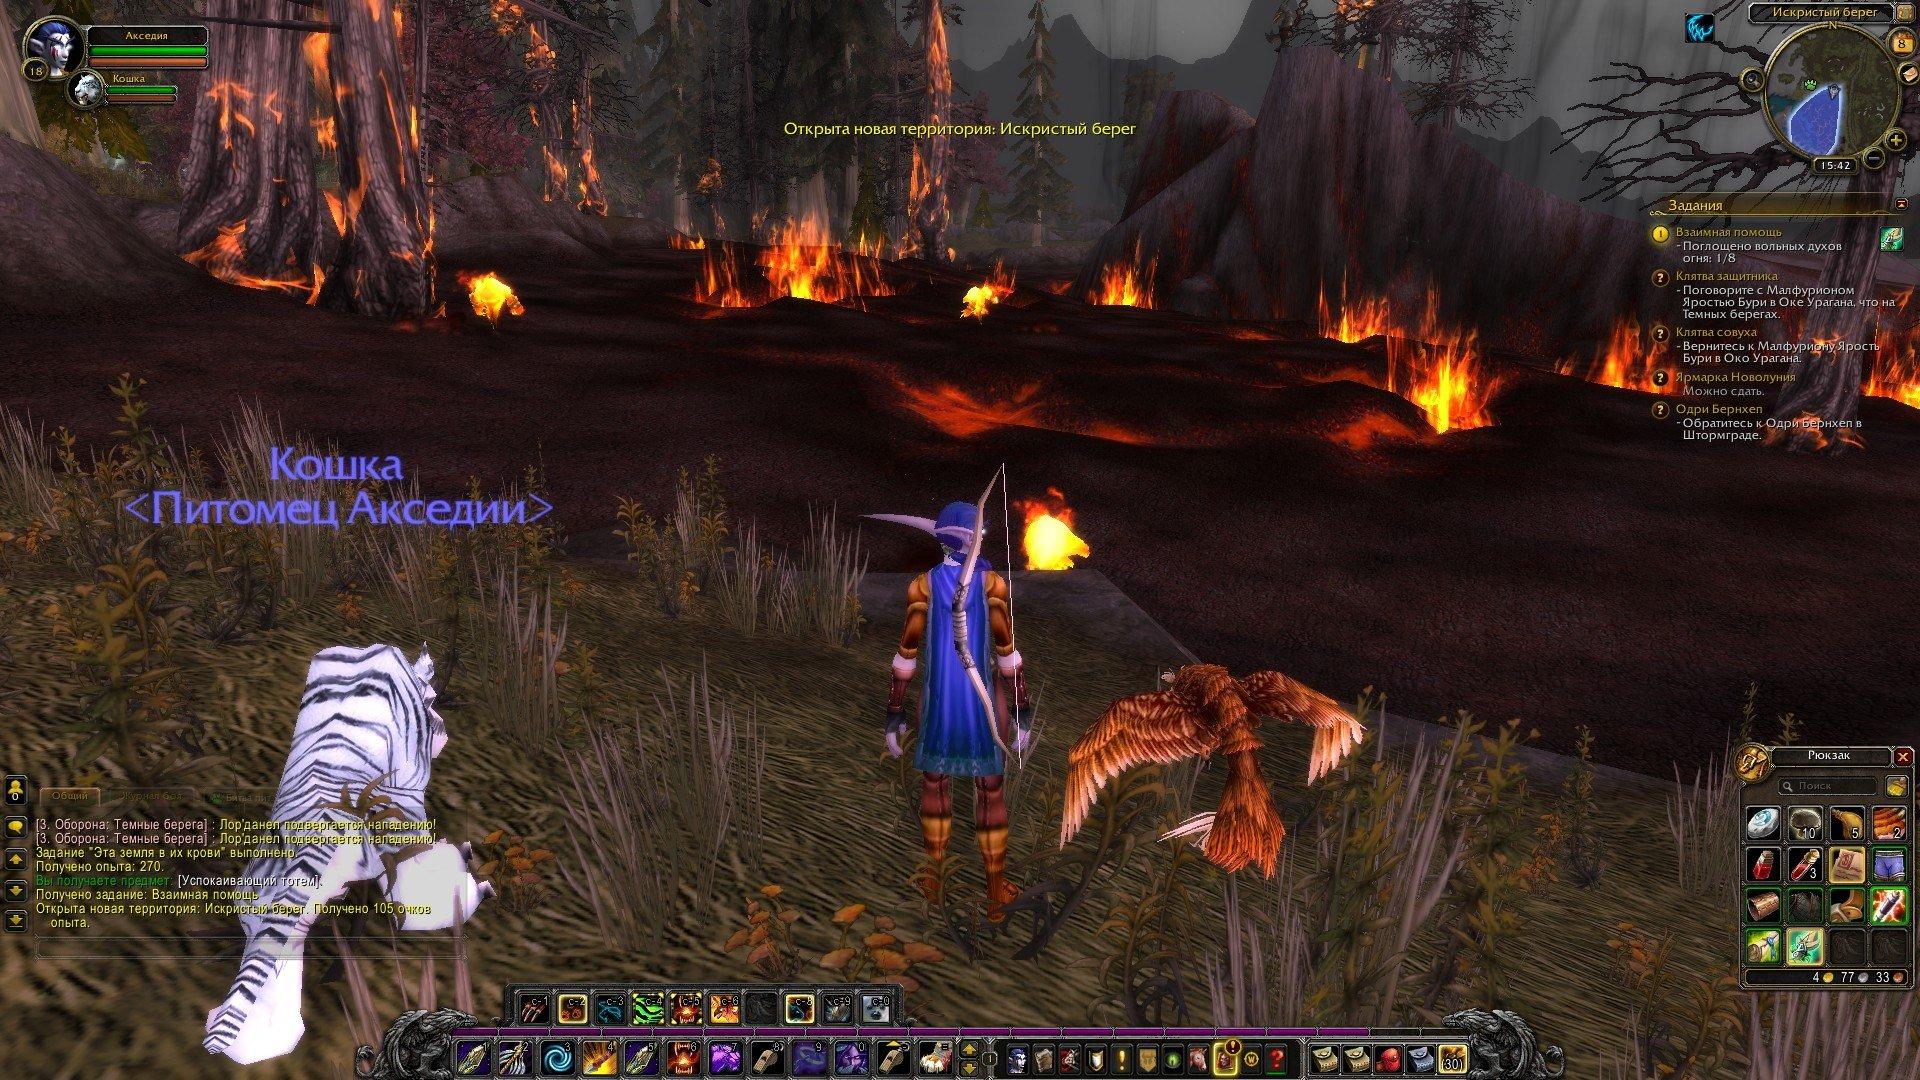 Путешествие по World of Warcraft ... Ночной Эльф. Глава 2. - Изображение 15